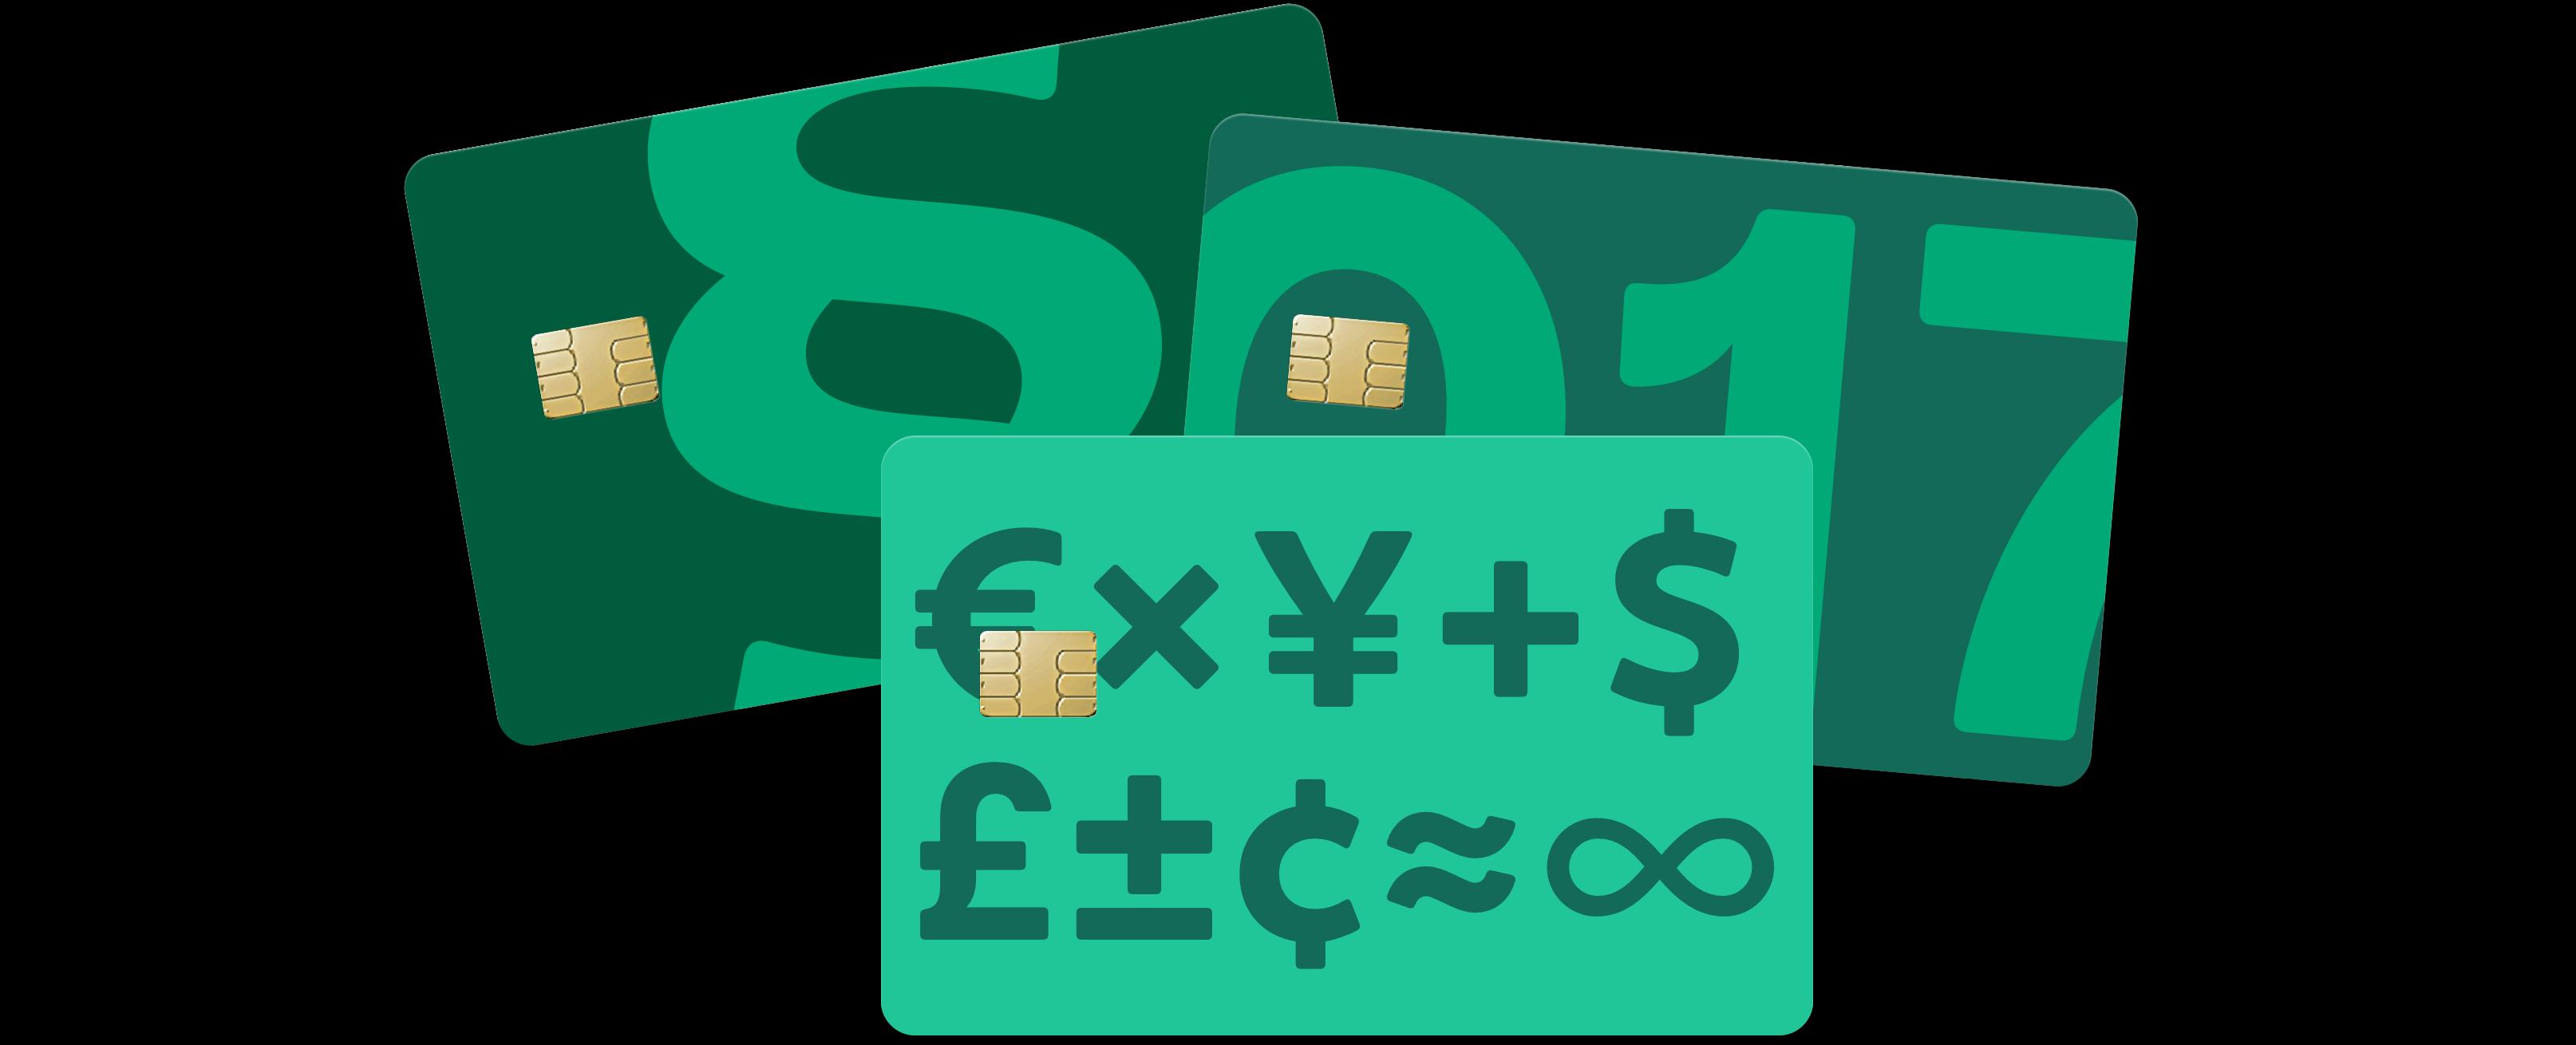 jyskebank_cards